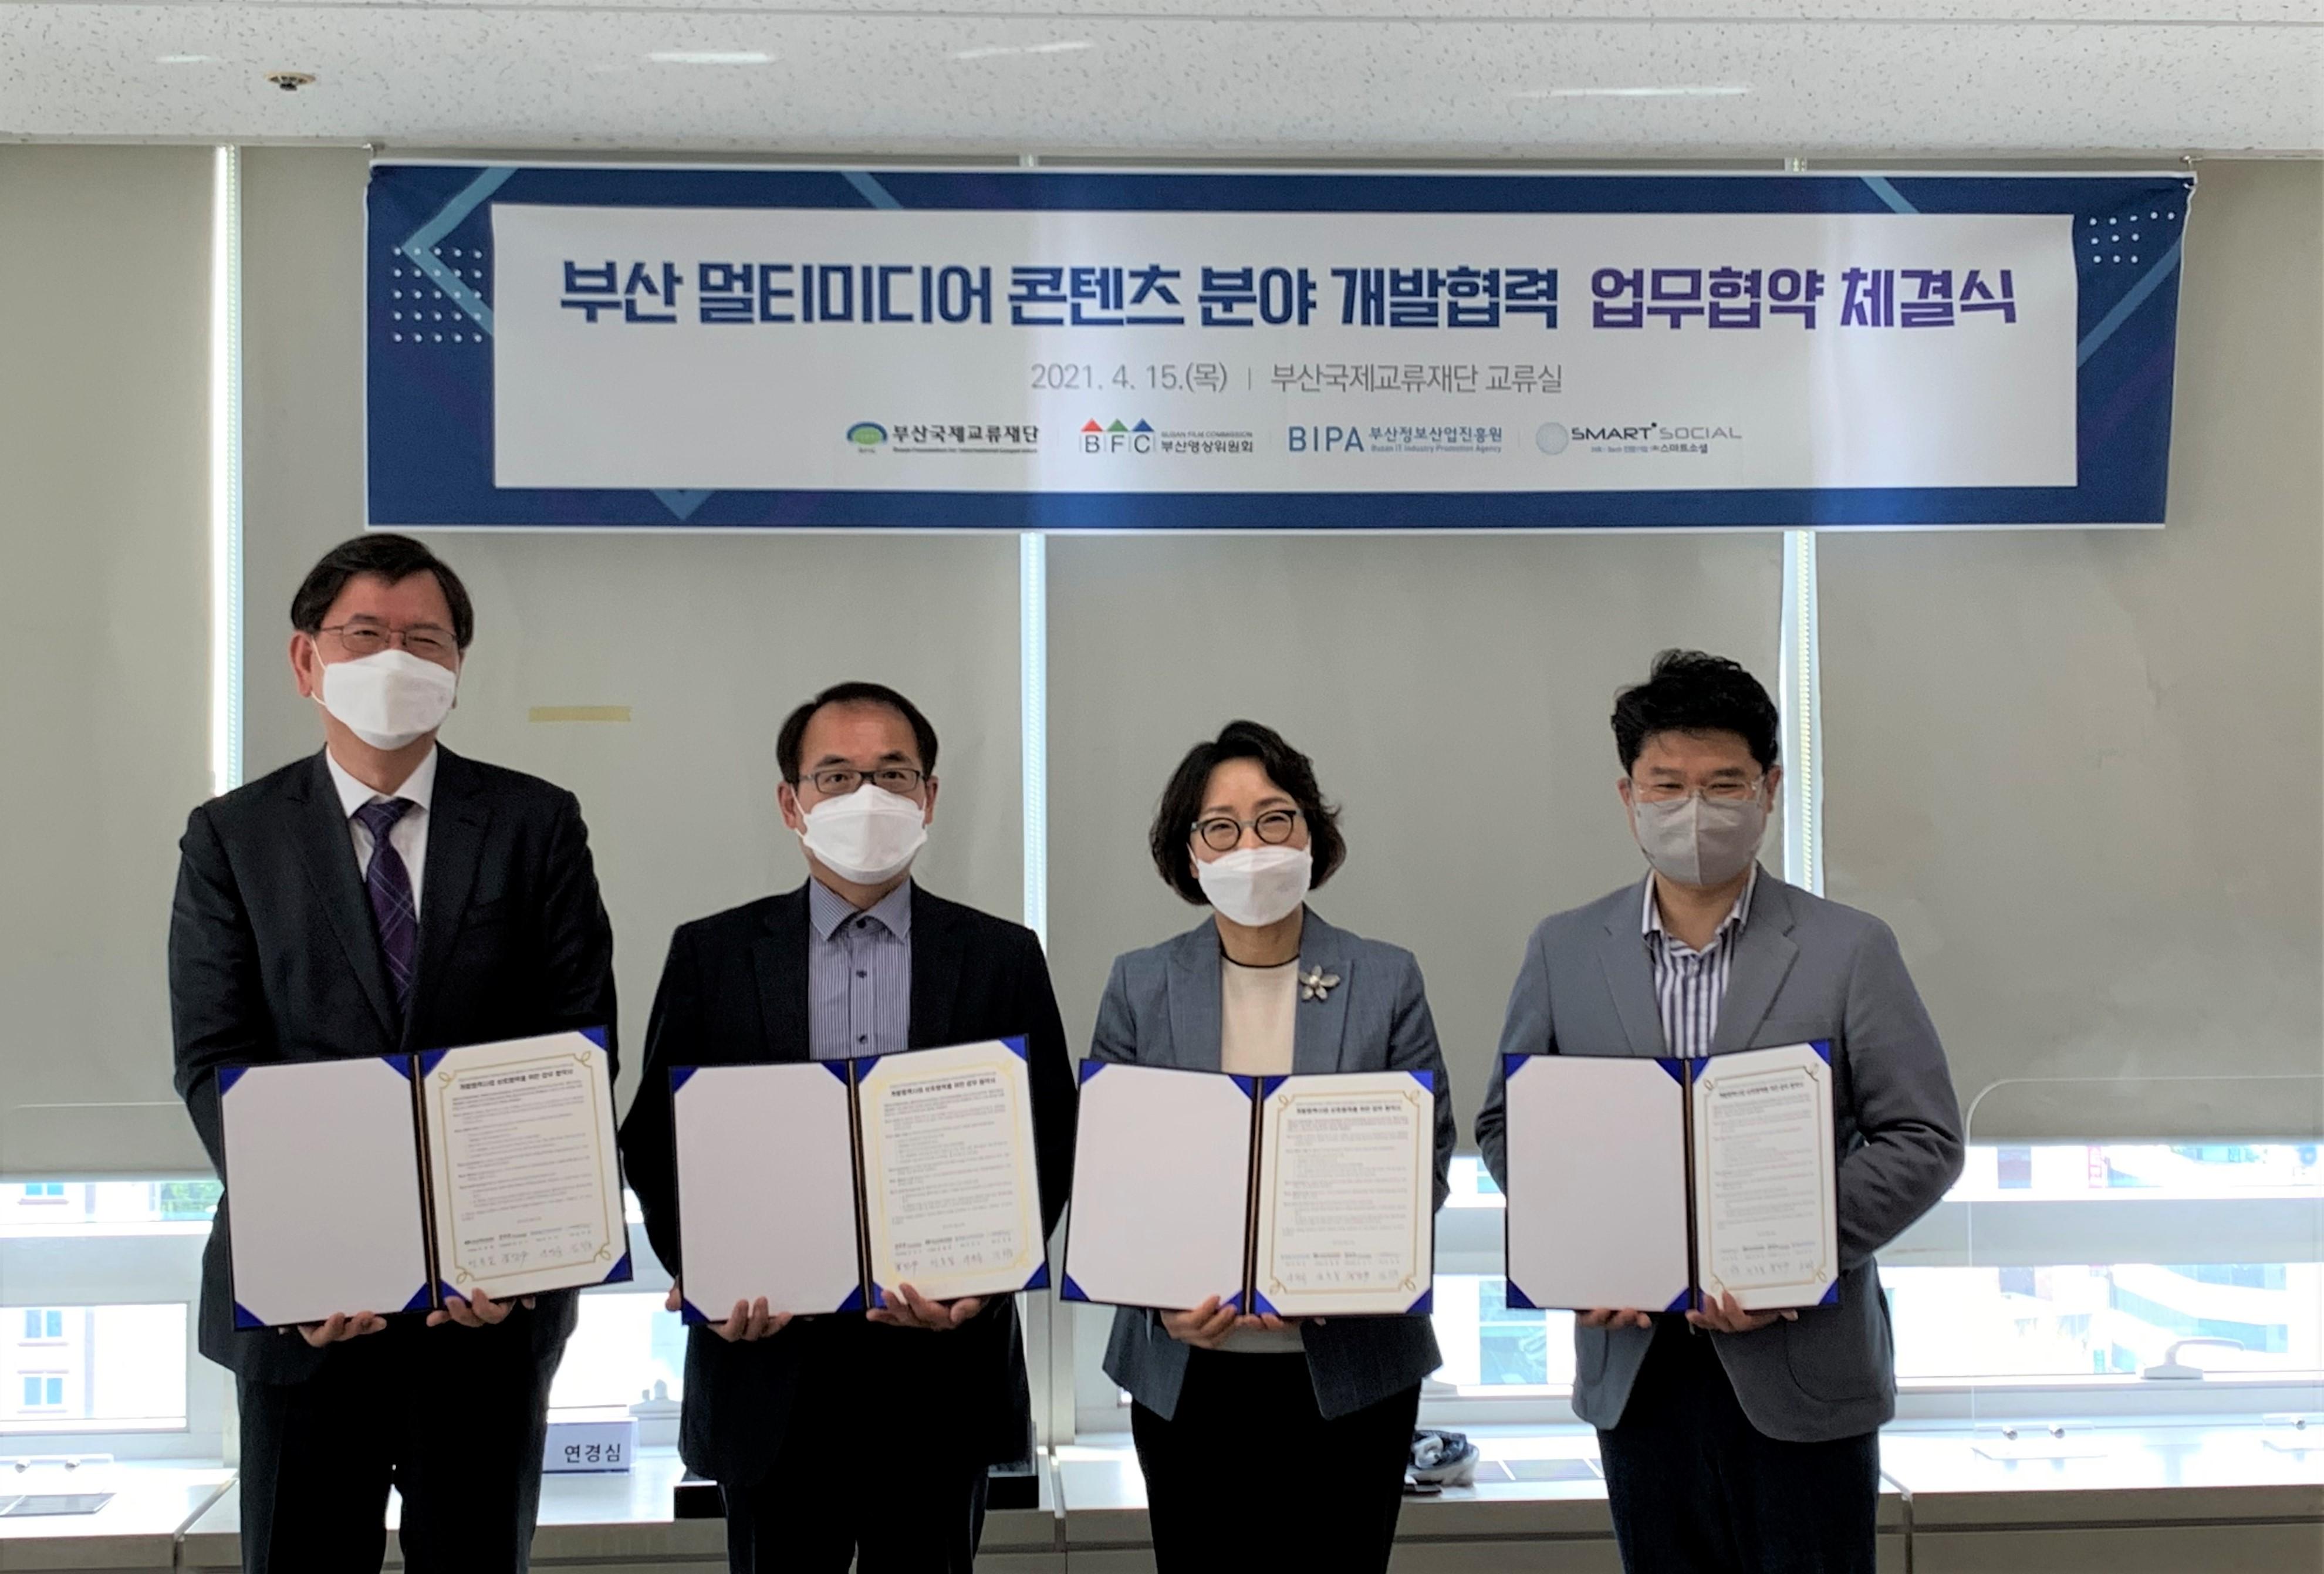 멀티미디어 콘텐츠 분야 개발협력사업 MOU 체결 사진